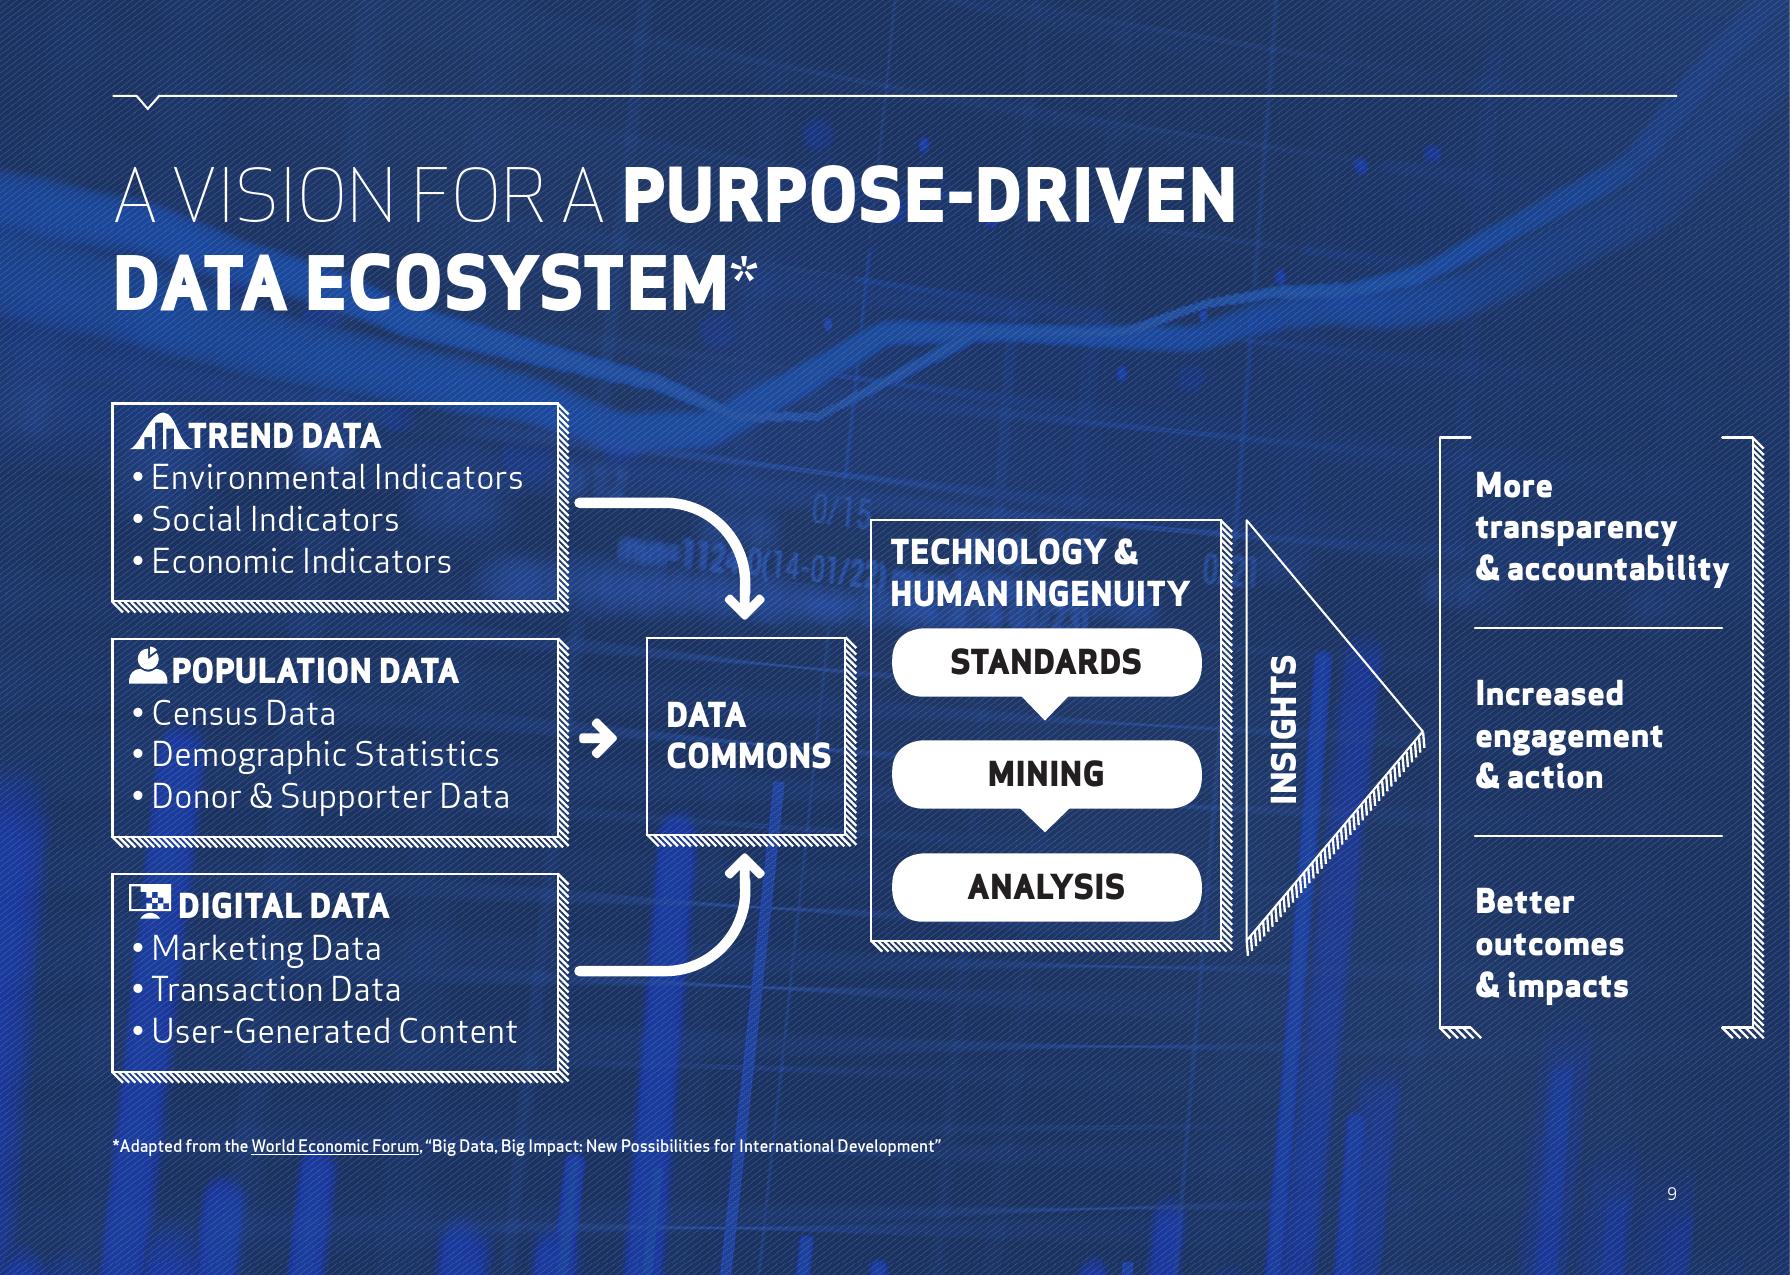 创新趋势报告:目标驱动的数据_000009